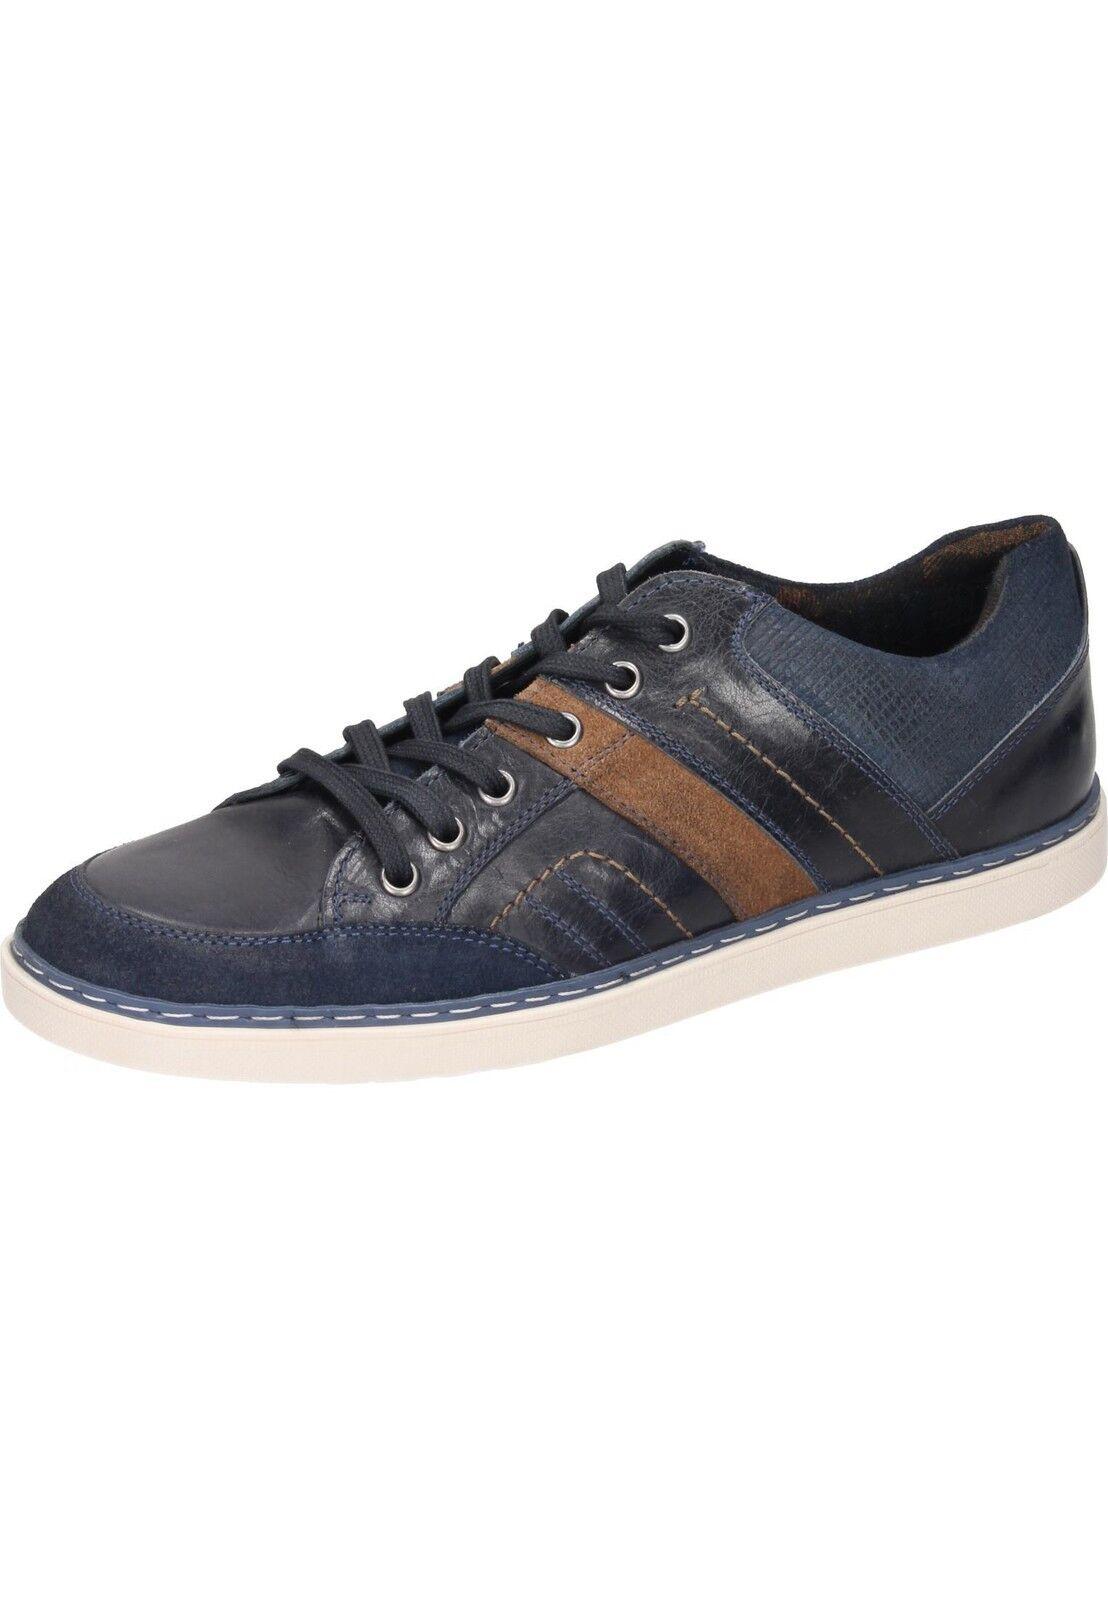 Manitu Chaussure Lacée cuir basses paniers Taille 39-49 Bleu 641414-5 neu32